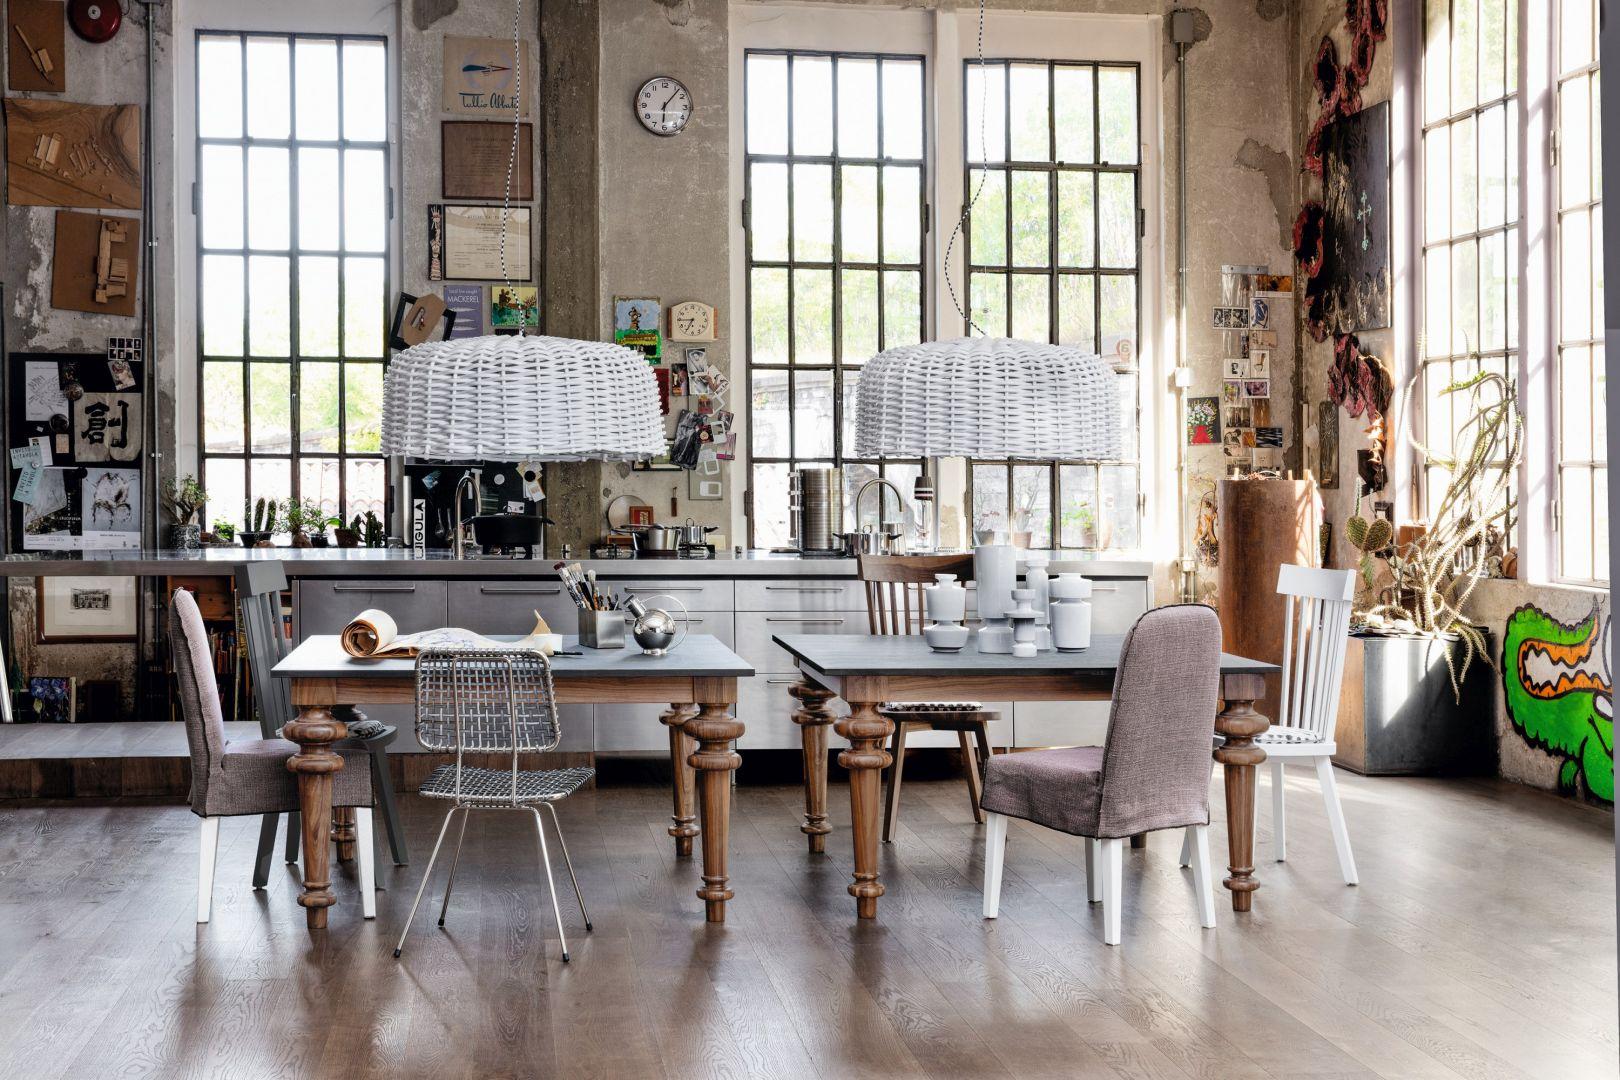 Stół GRAY 32 wykonany jest z drewna dębowego lub orzechowego. Dostępny także z ceramicznymi nogami i kamiennym blatem, w trzech różnych wielkościach. Do skompletowania z krzesłami z tej samej kolekcji. Od 11.500 zł, Gervasoni